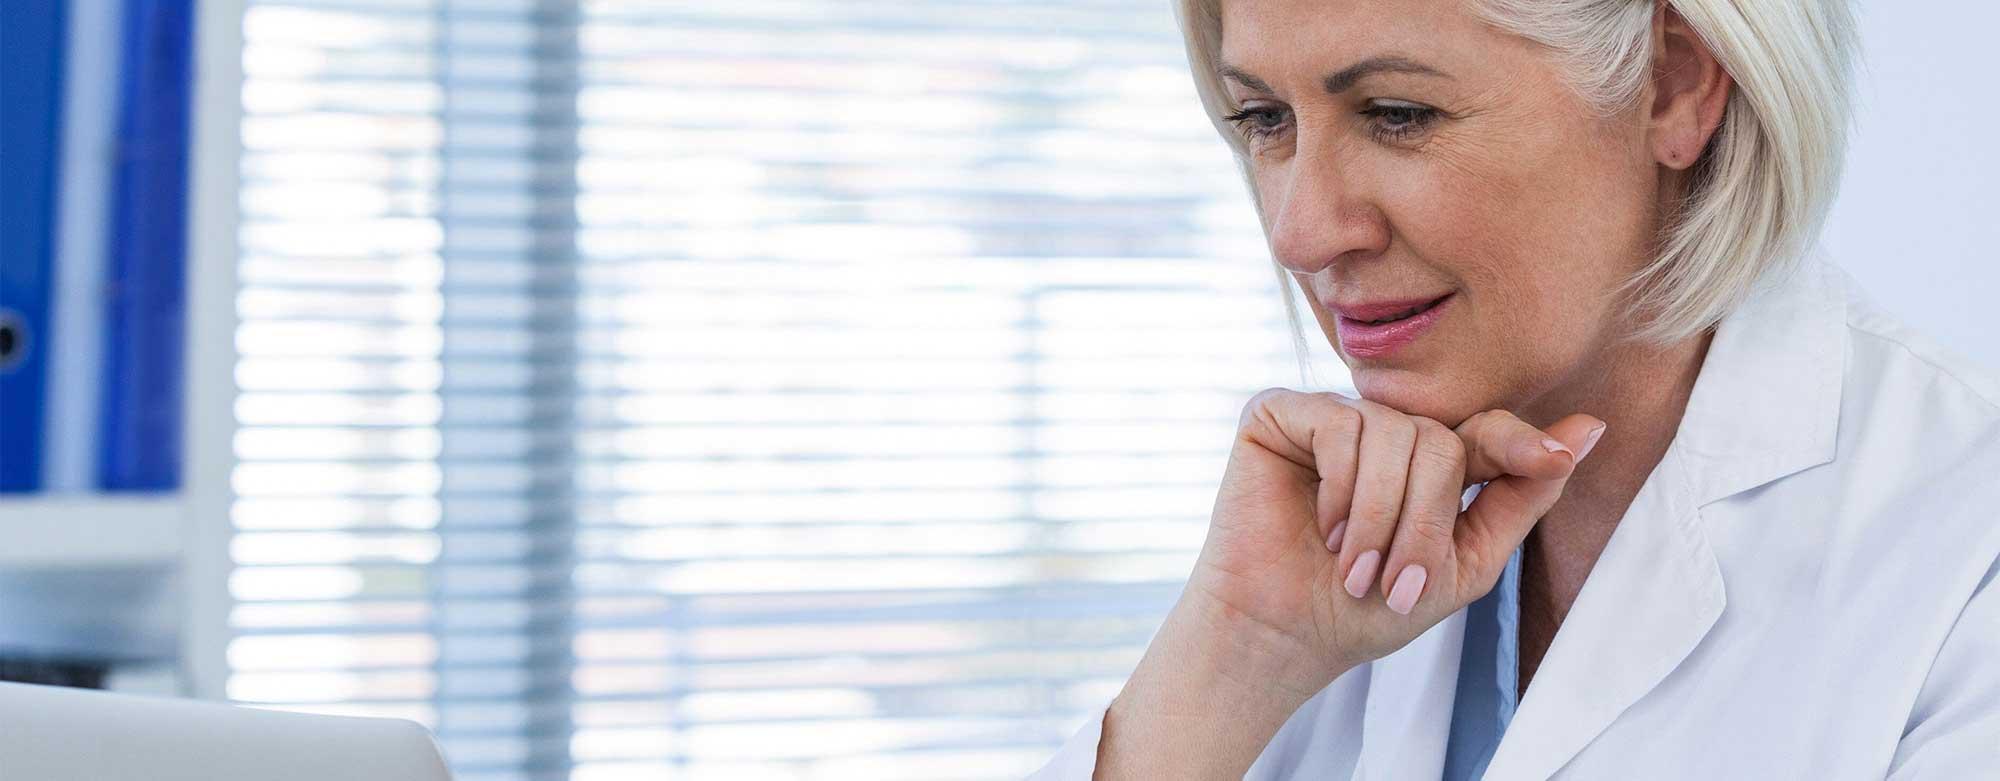 Medisch specialist bekijkt resultaten PROMs